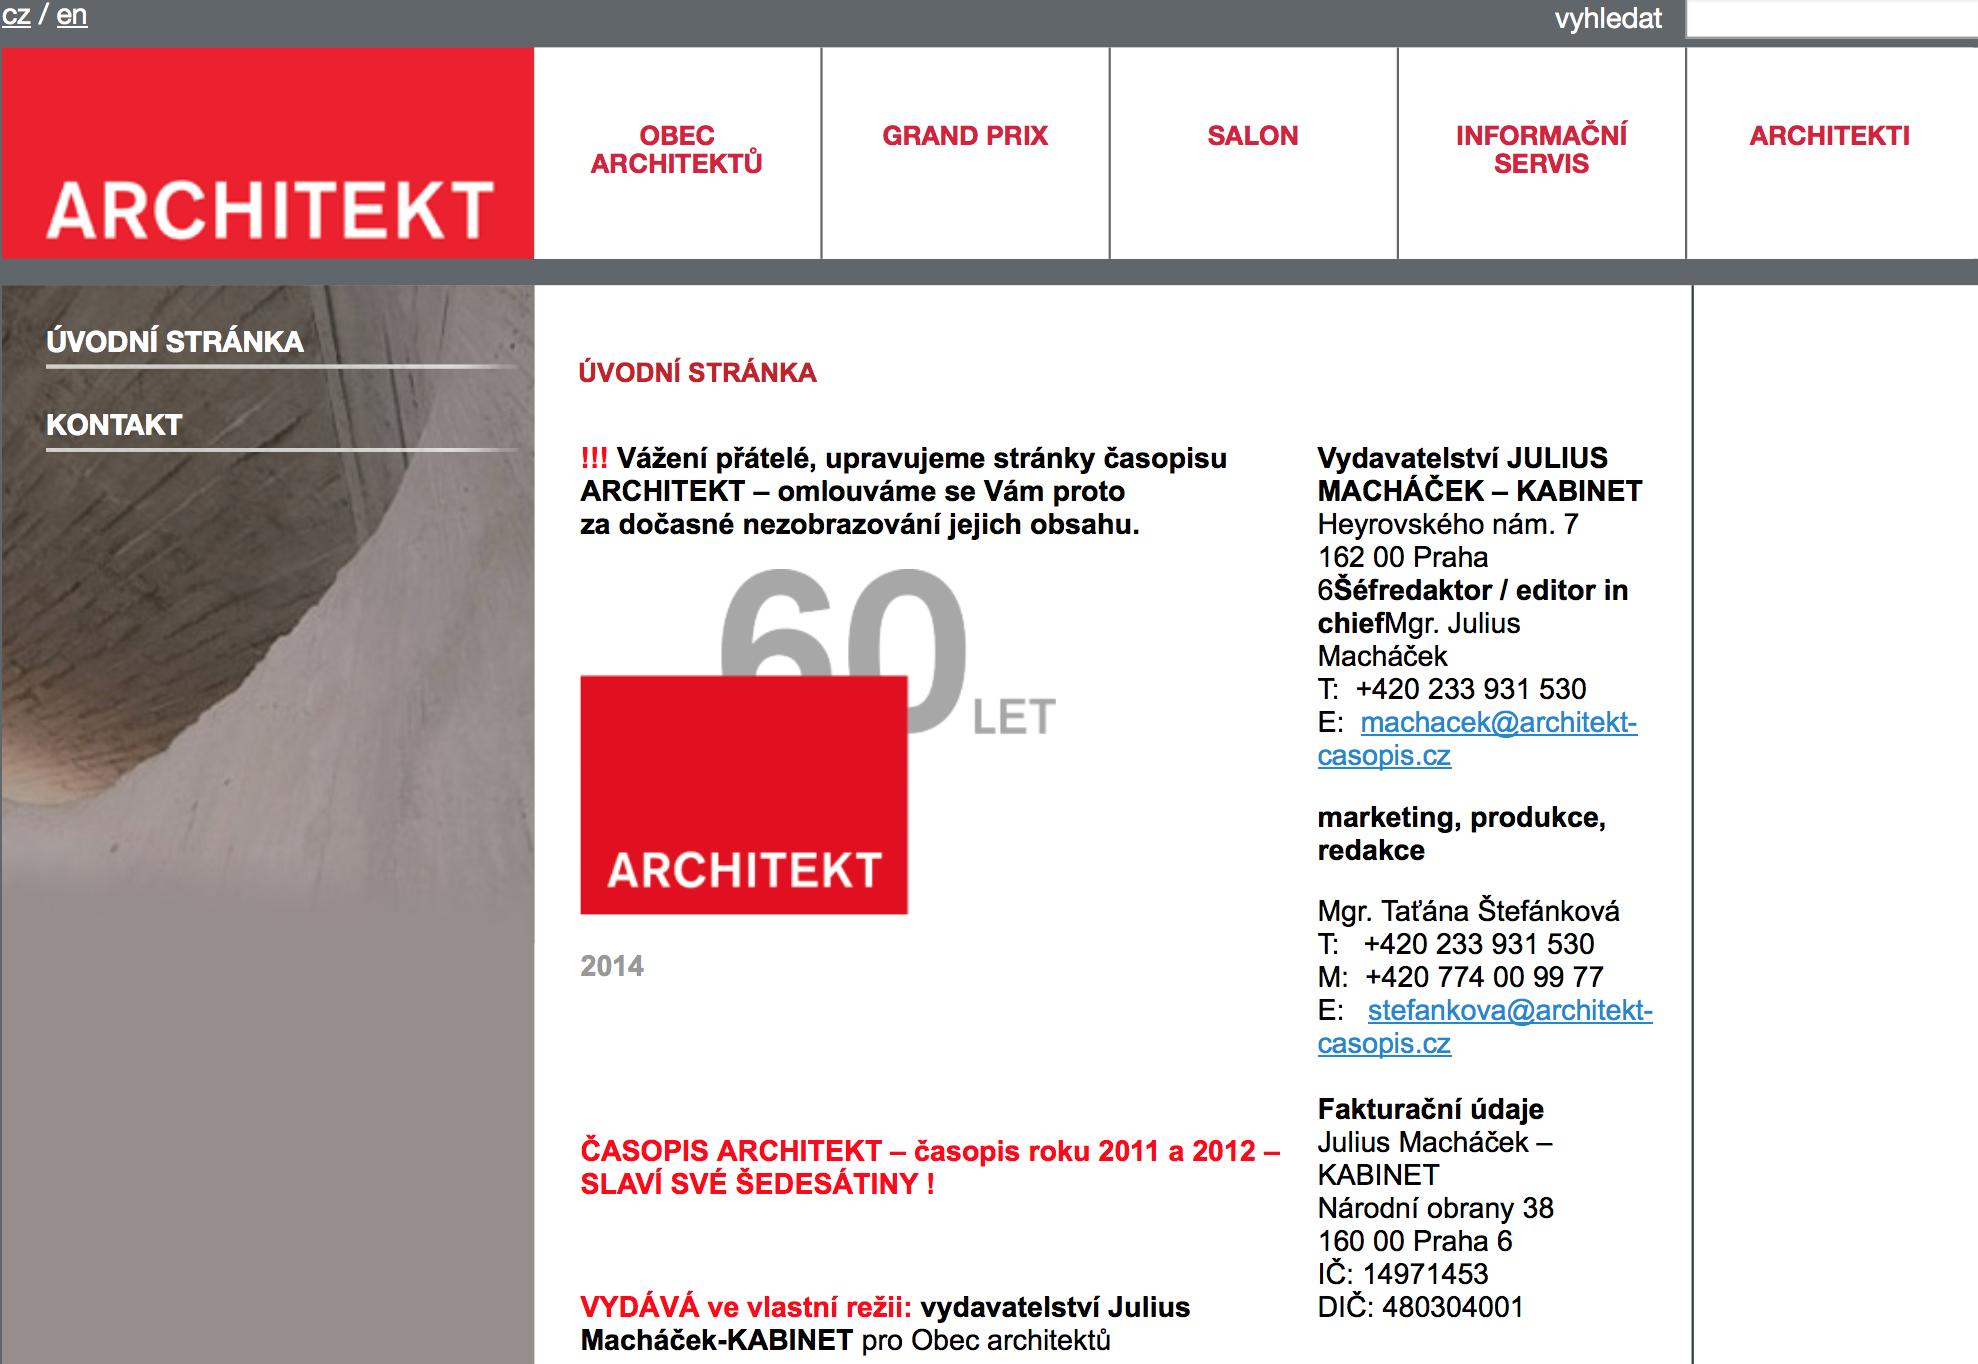 ArchitektWWW